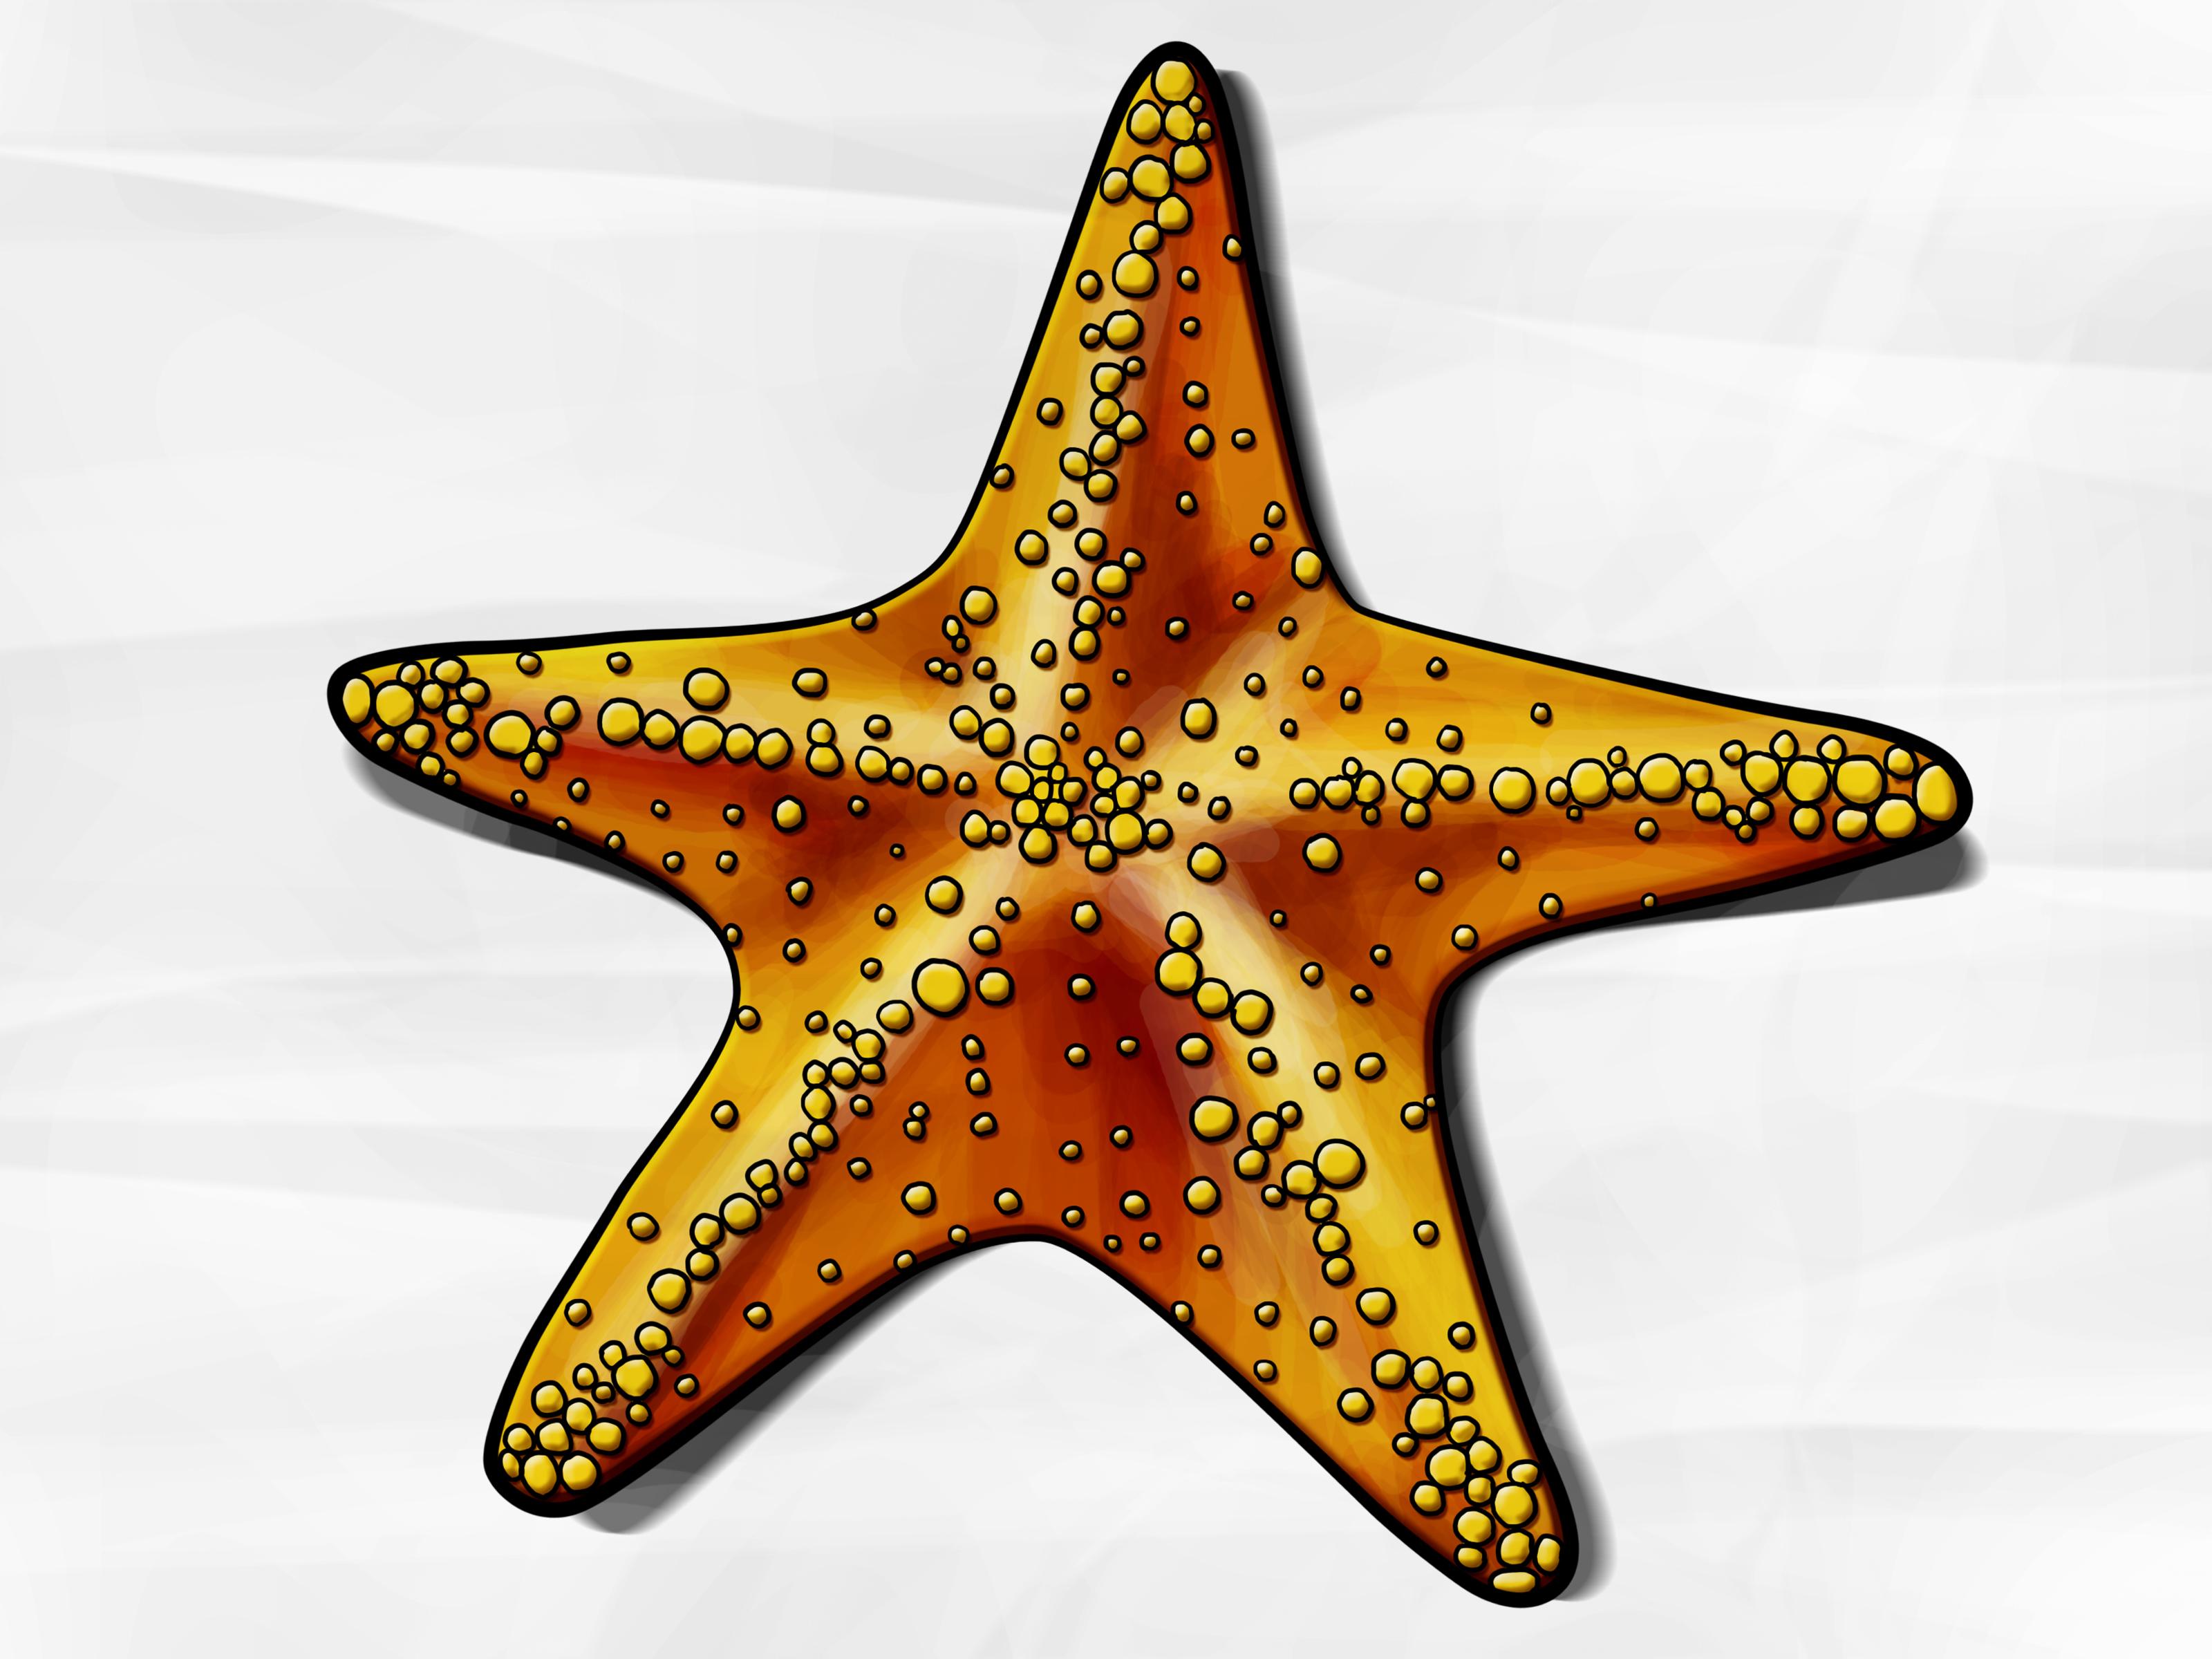 Drawn star basic How wikiHow Starfish: 6 to